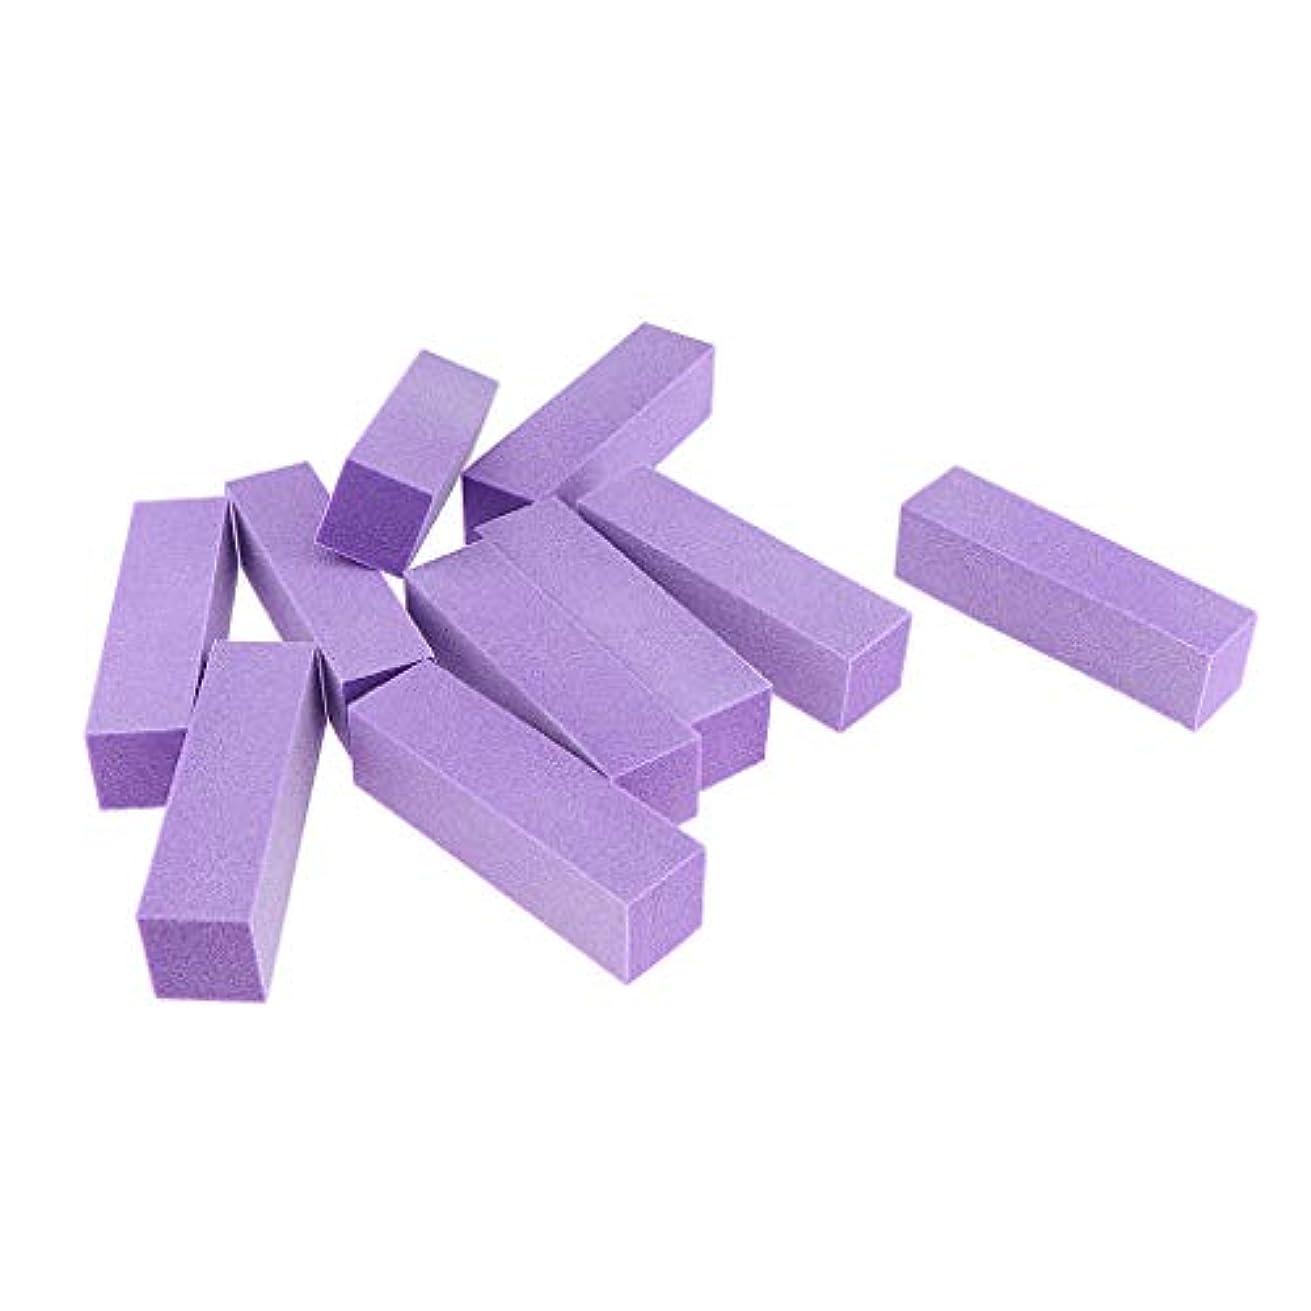 ベーリング海峡ドライブ芸術的IPOTCH 10個 ネイルアート バッファーファイルブロック マニキュア 6色選べ - 紫